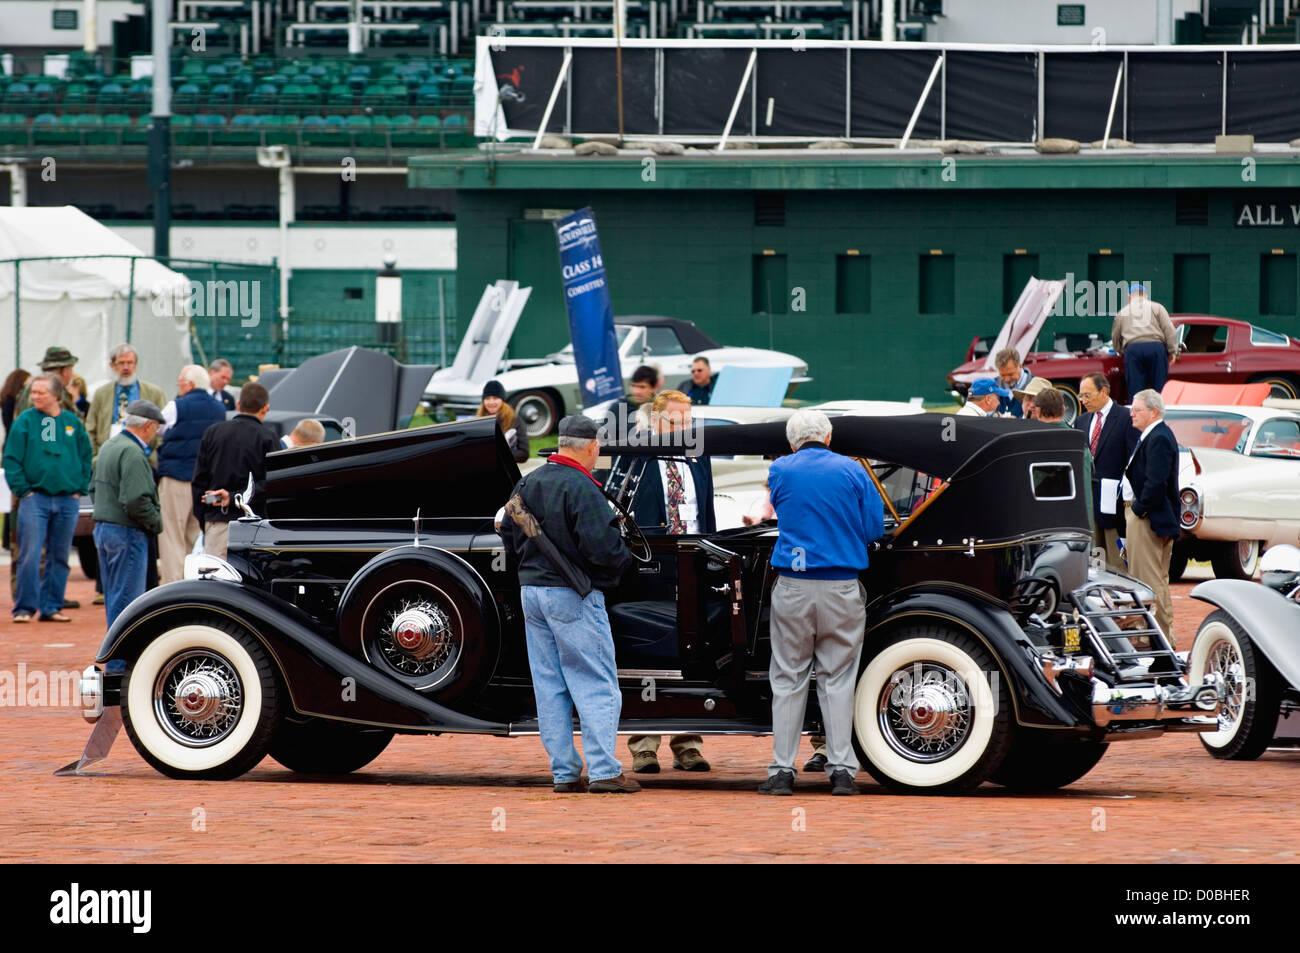 Besucher 2012 Concours d ' Elegance Prüfung ein Vintage Packard 12 Automobil in Churchill Downs in Louisville, Stockbild